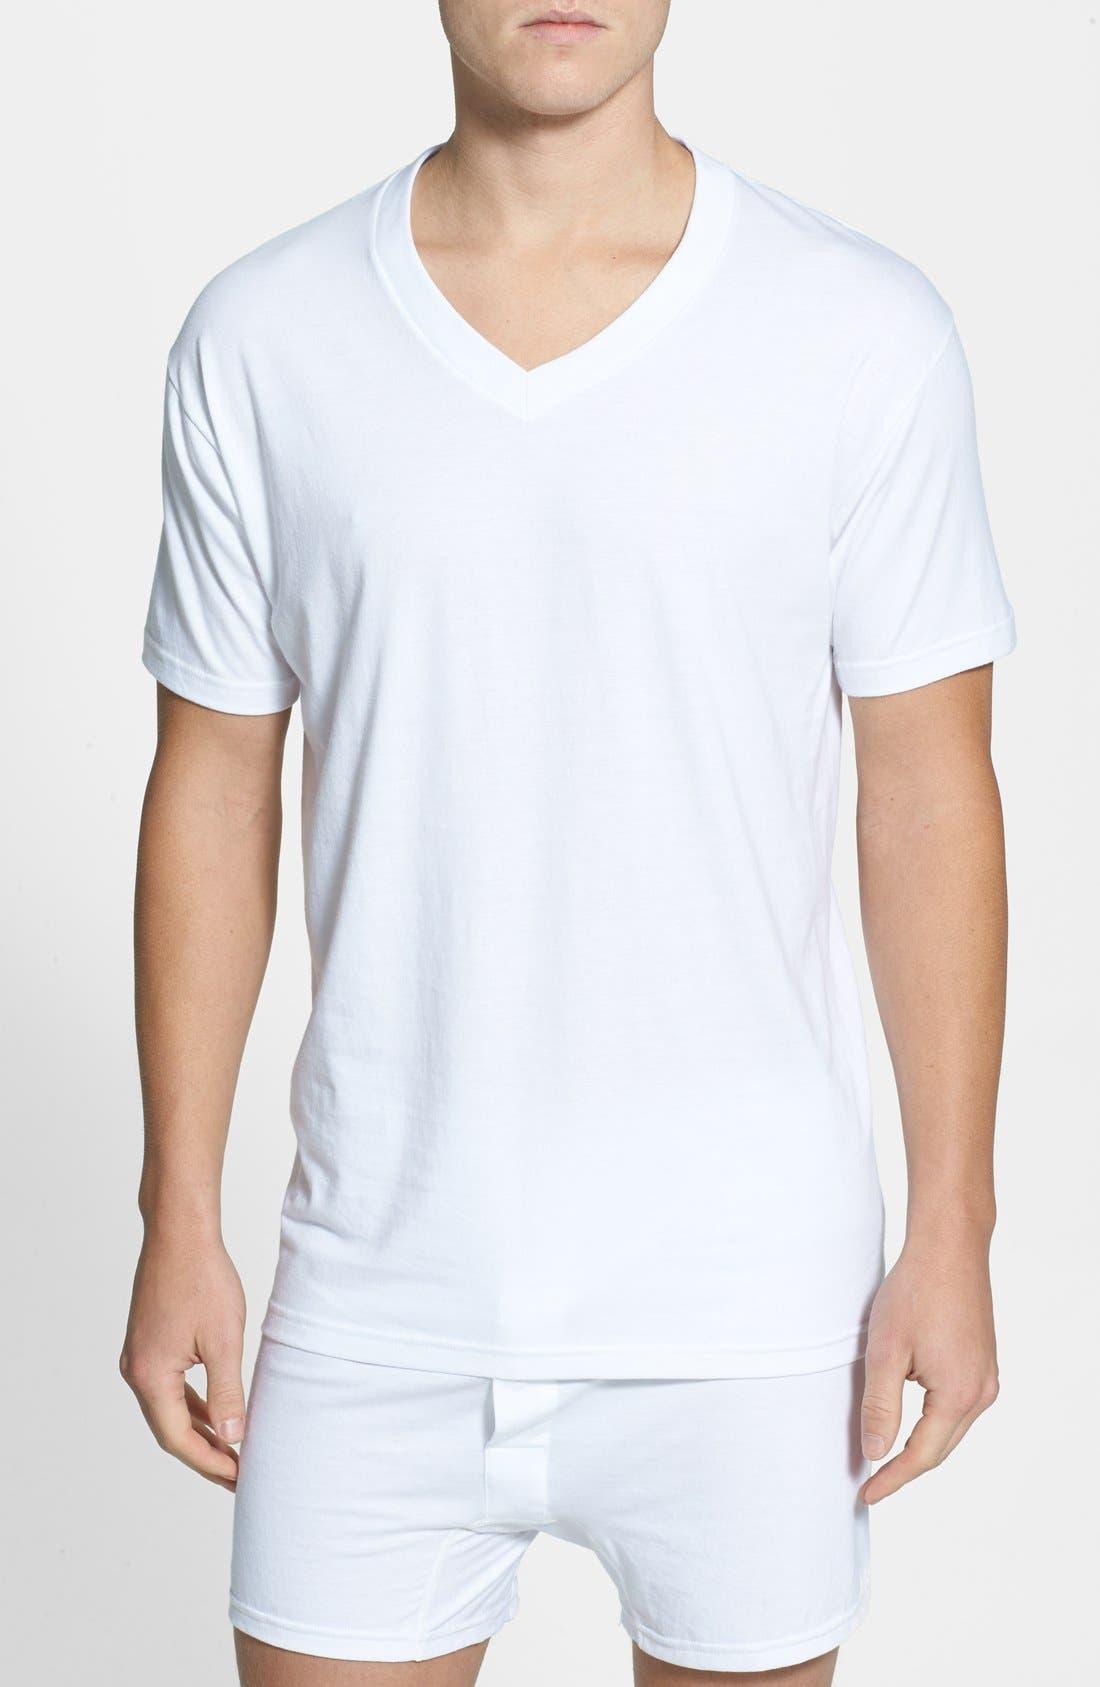 Nordstrom Men's Shop 4-Pack Regular Fit Supima® Cotton V-Neck T-Shirts